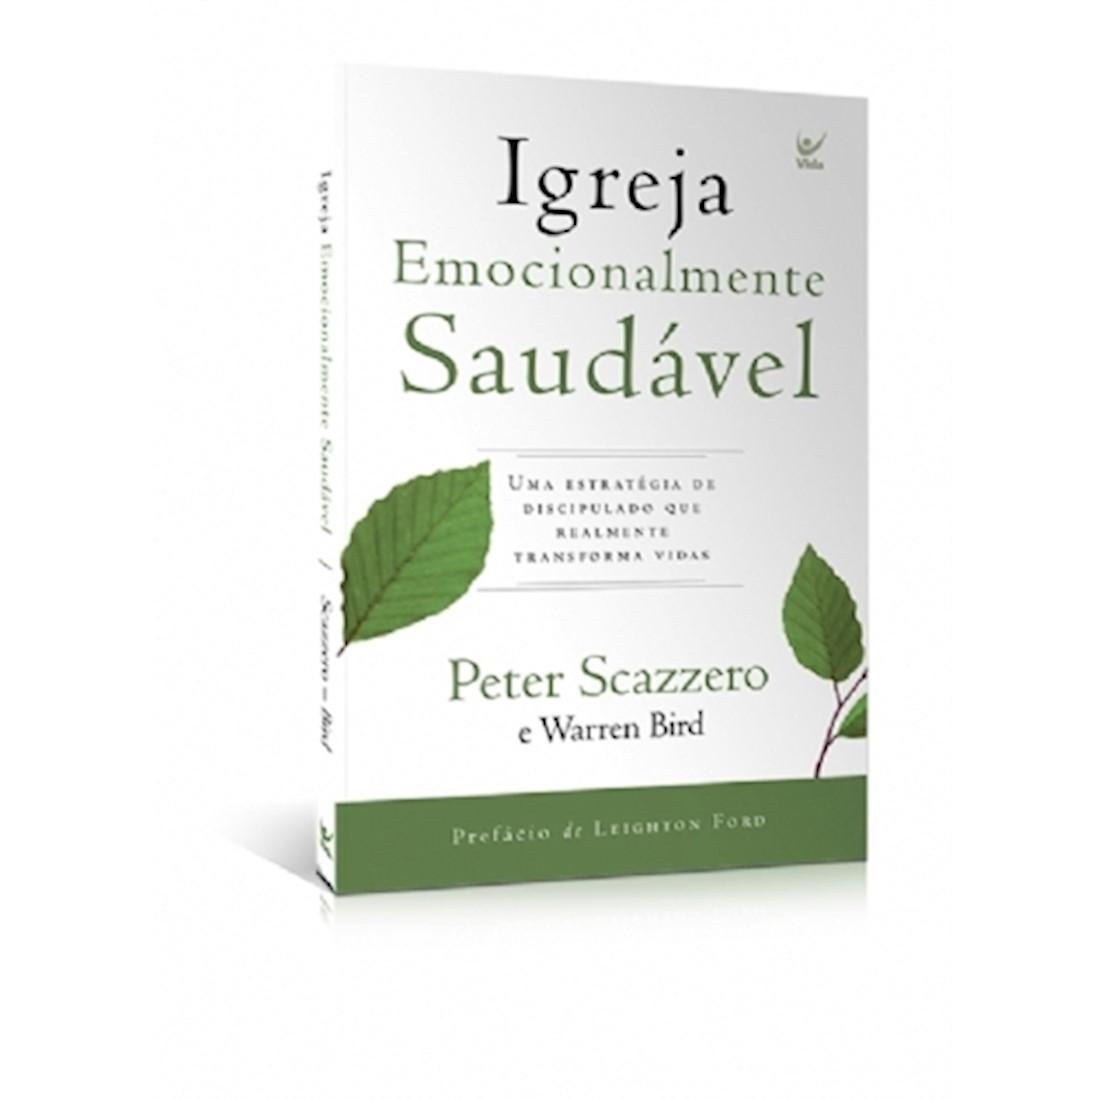 Livro Igreja Emocionalmente Saudável